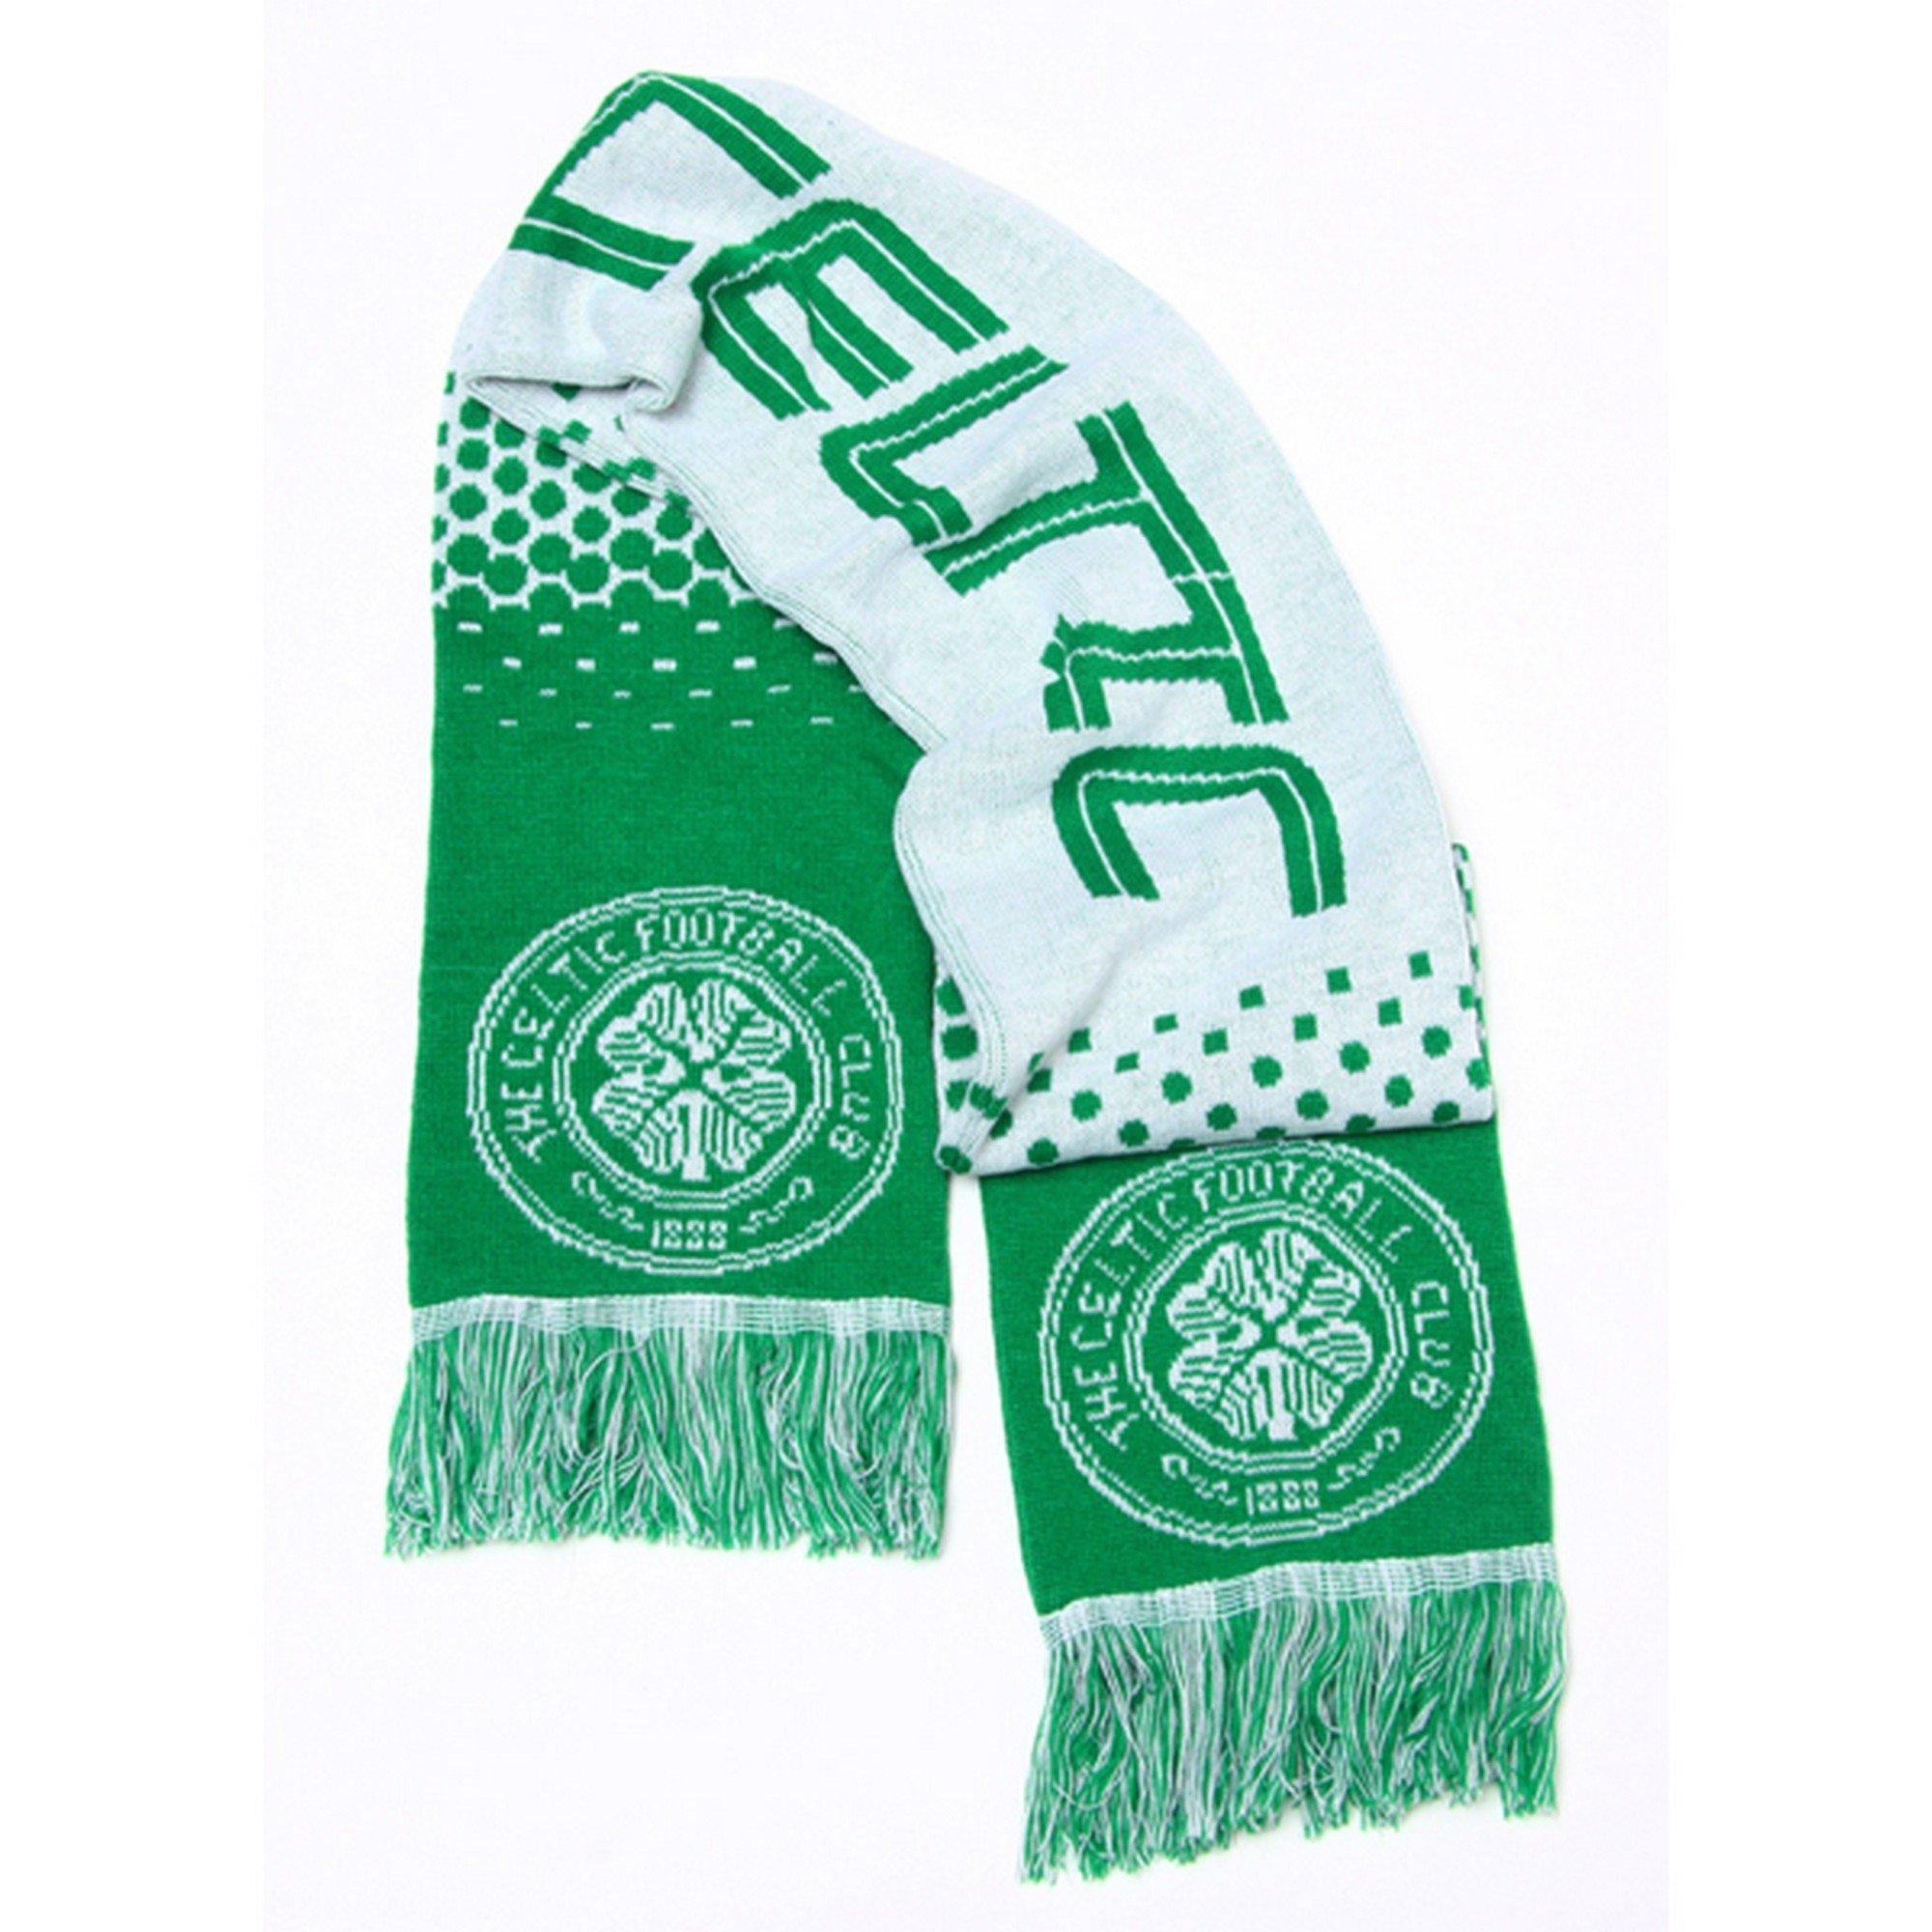 Calcio Ufficiale Team Fade maglia tifosi Sciarpa (varie squadre tra cui scegliere), Celtic FC